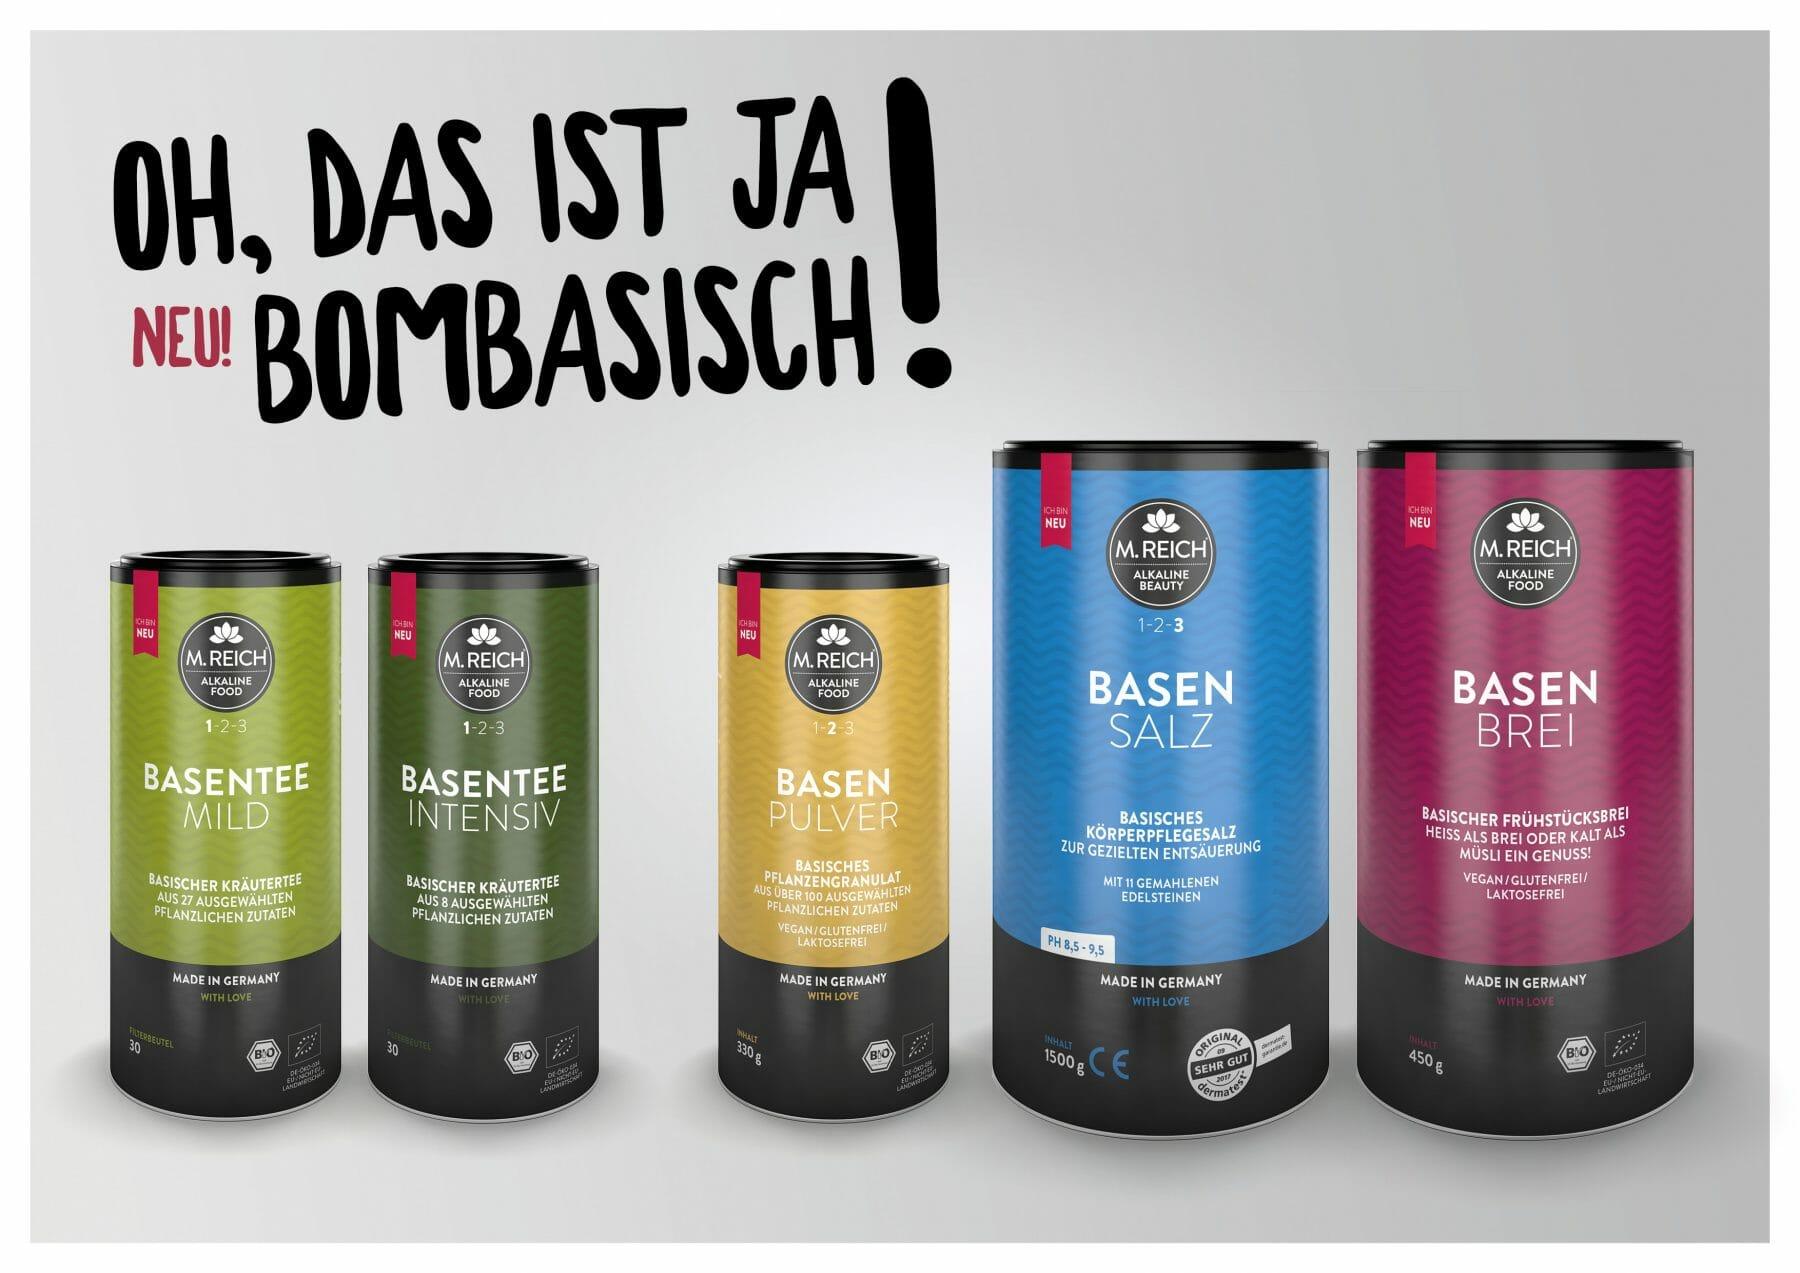 M. Reich: Exklusive Säure-Basen-Produkte mit innovativen Rezepturen